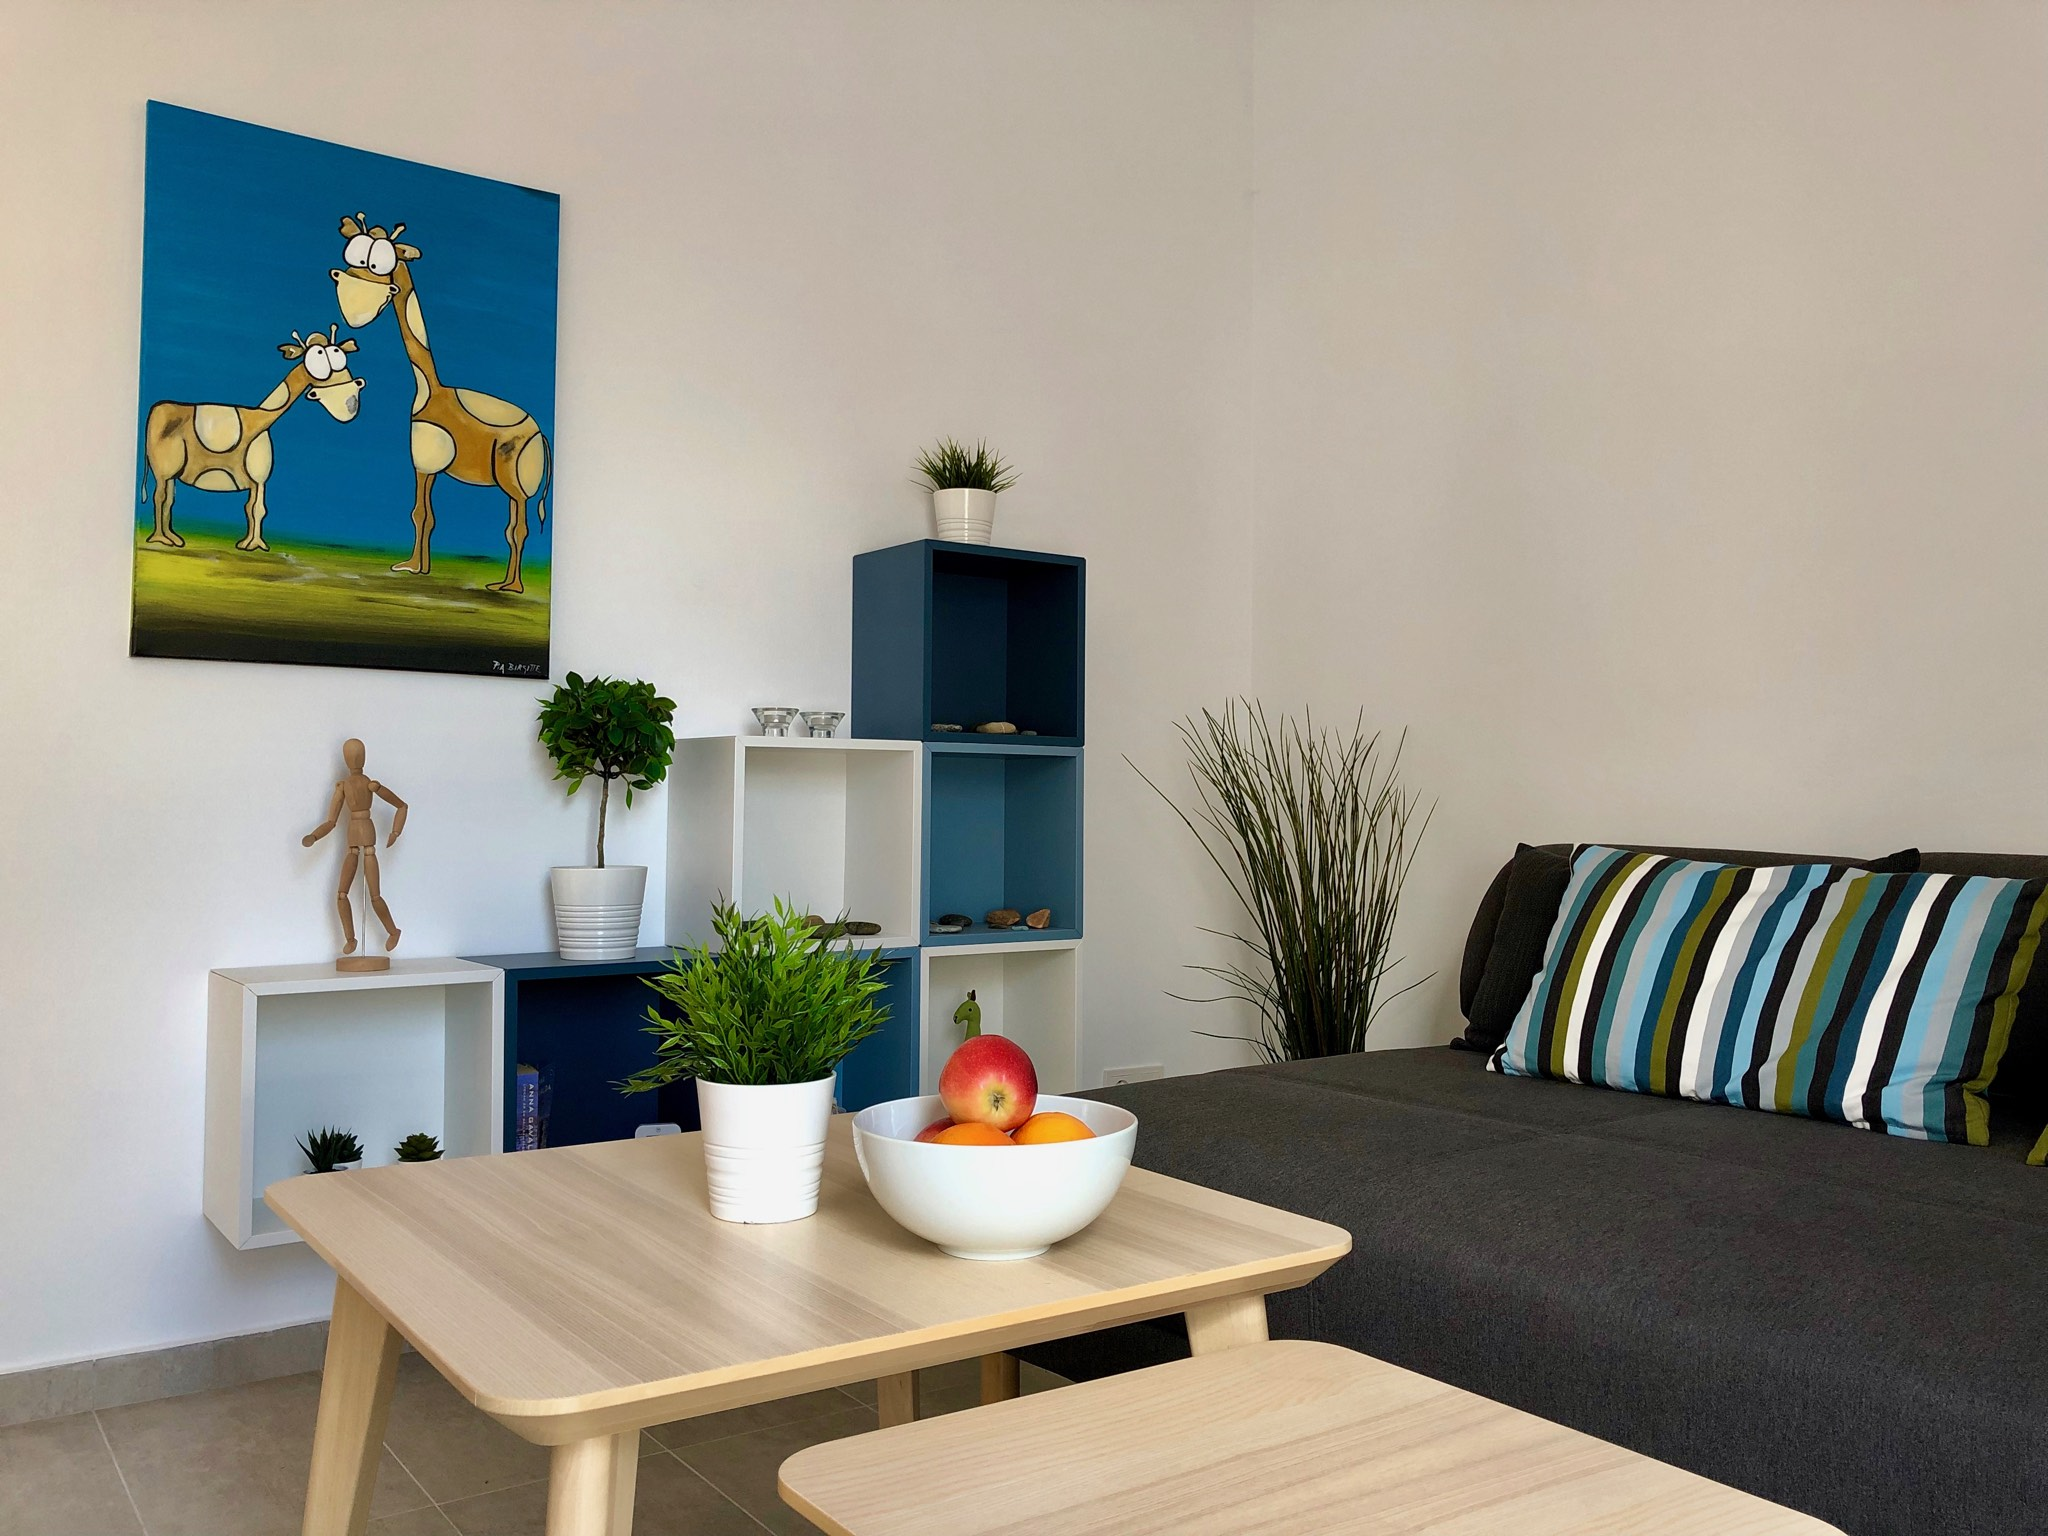 CN41 9 living room